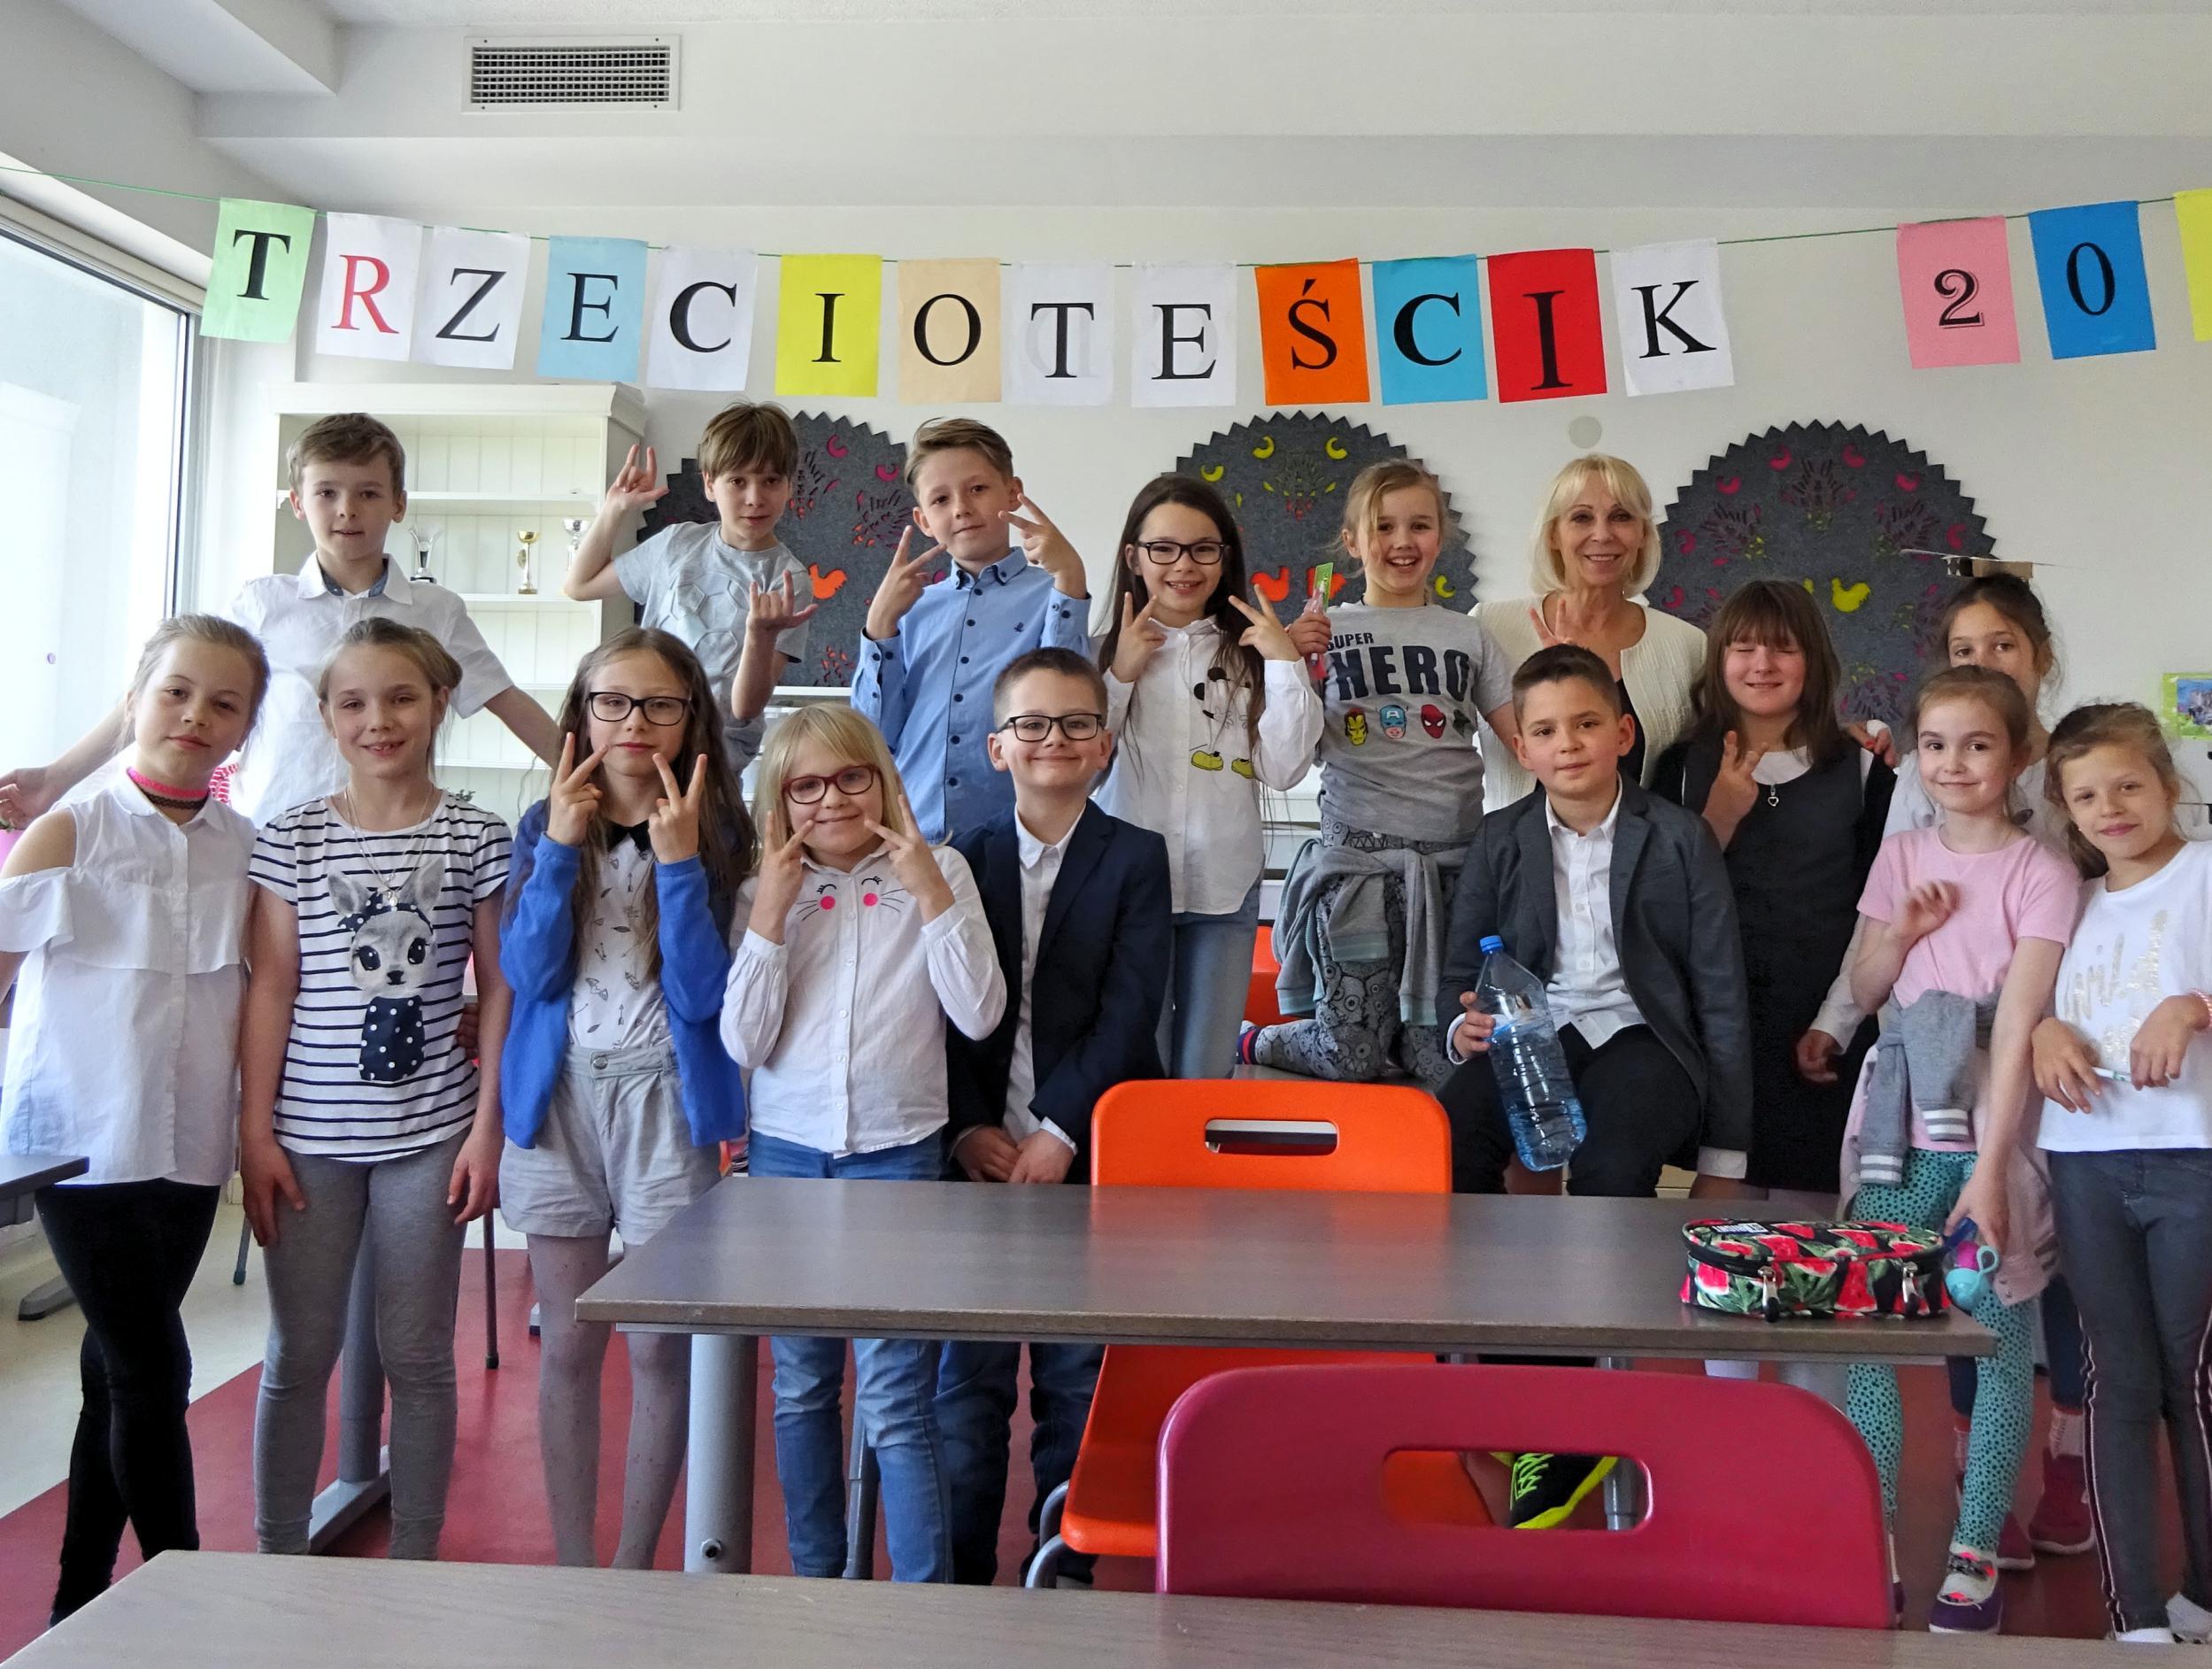 Ogólnopolski Sprawdzian Kompetencji Trzecioklasisty 2019